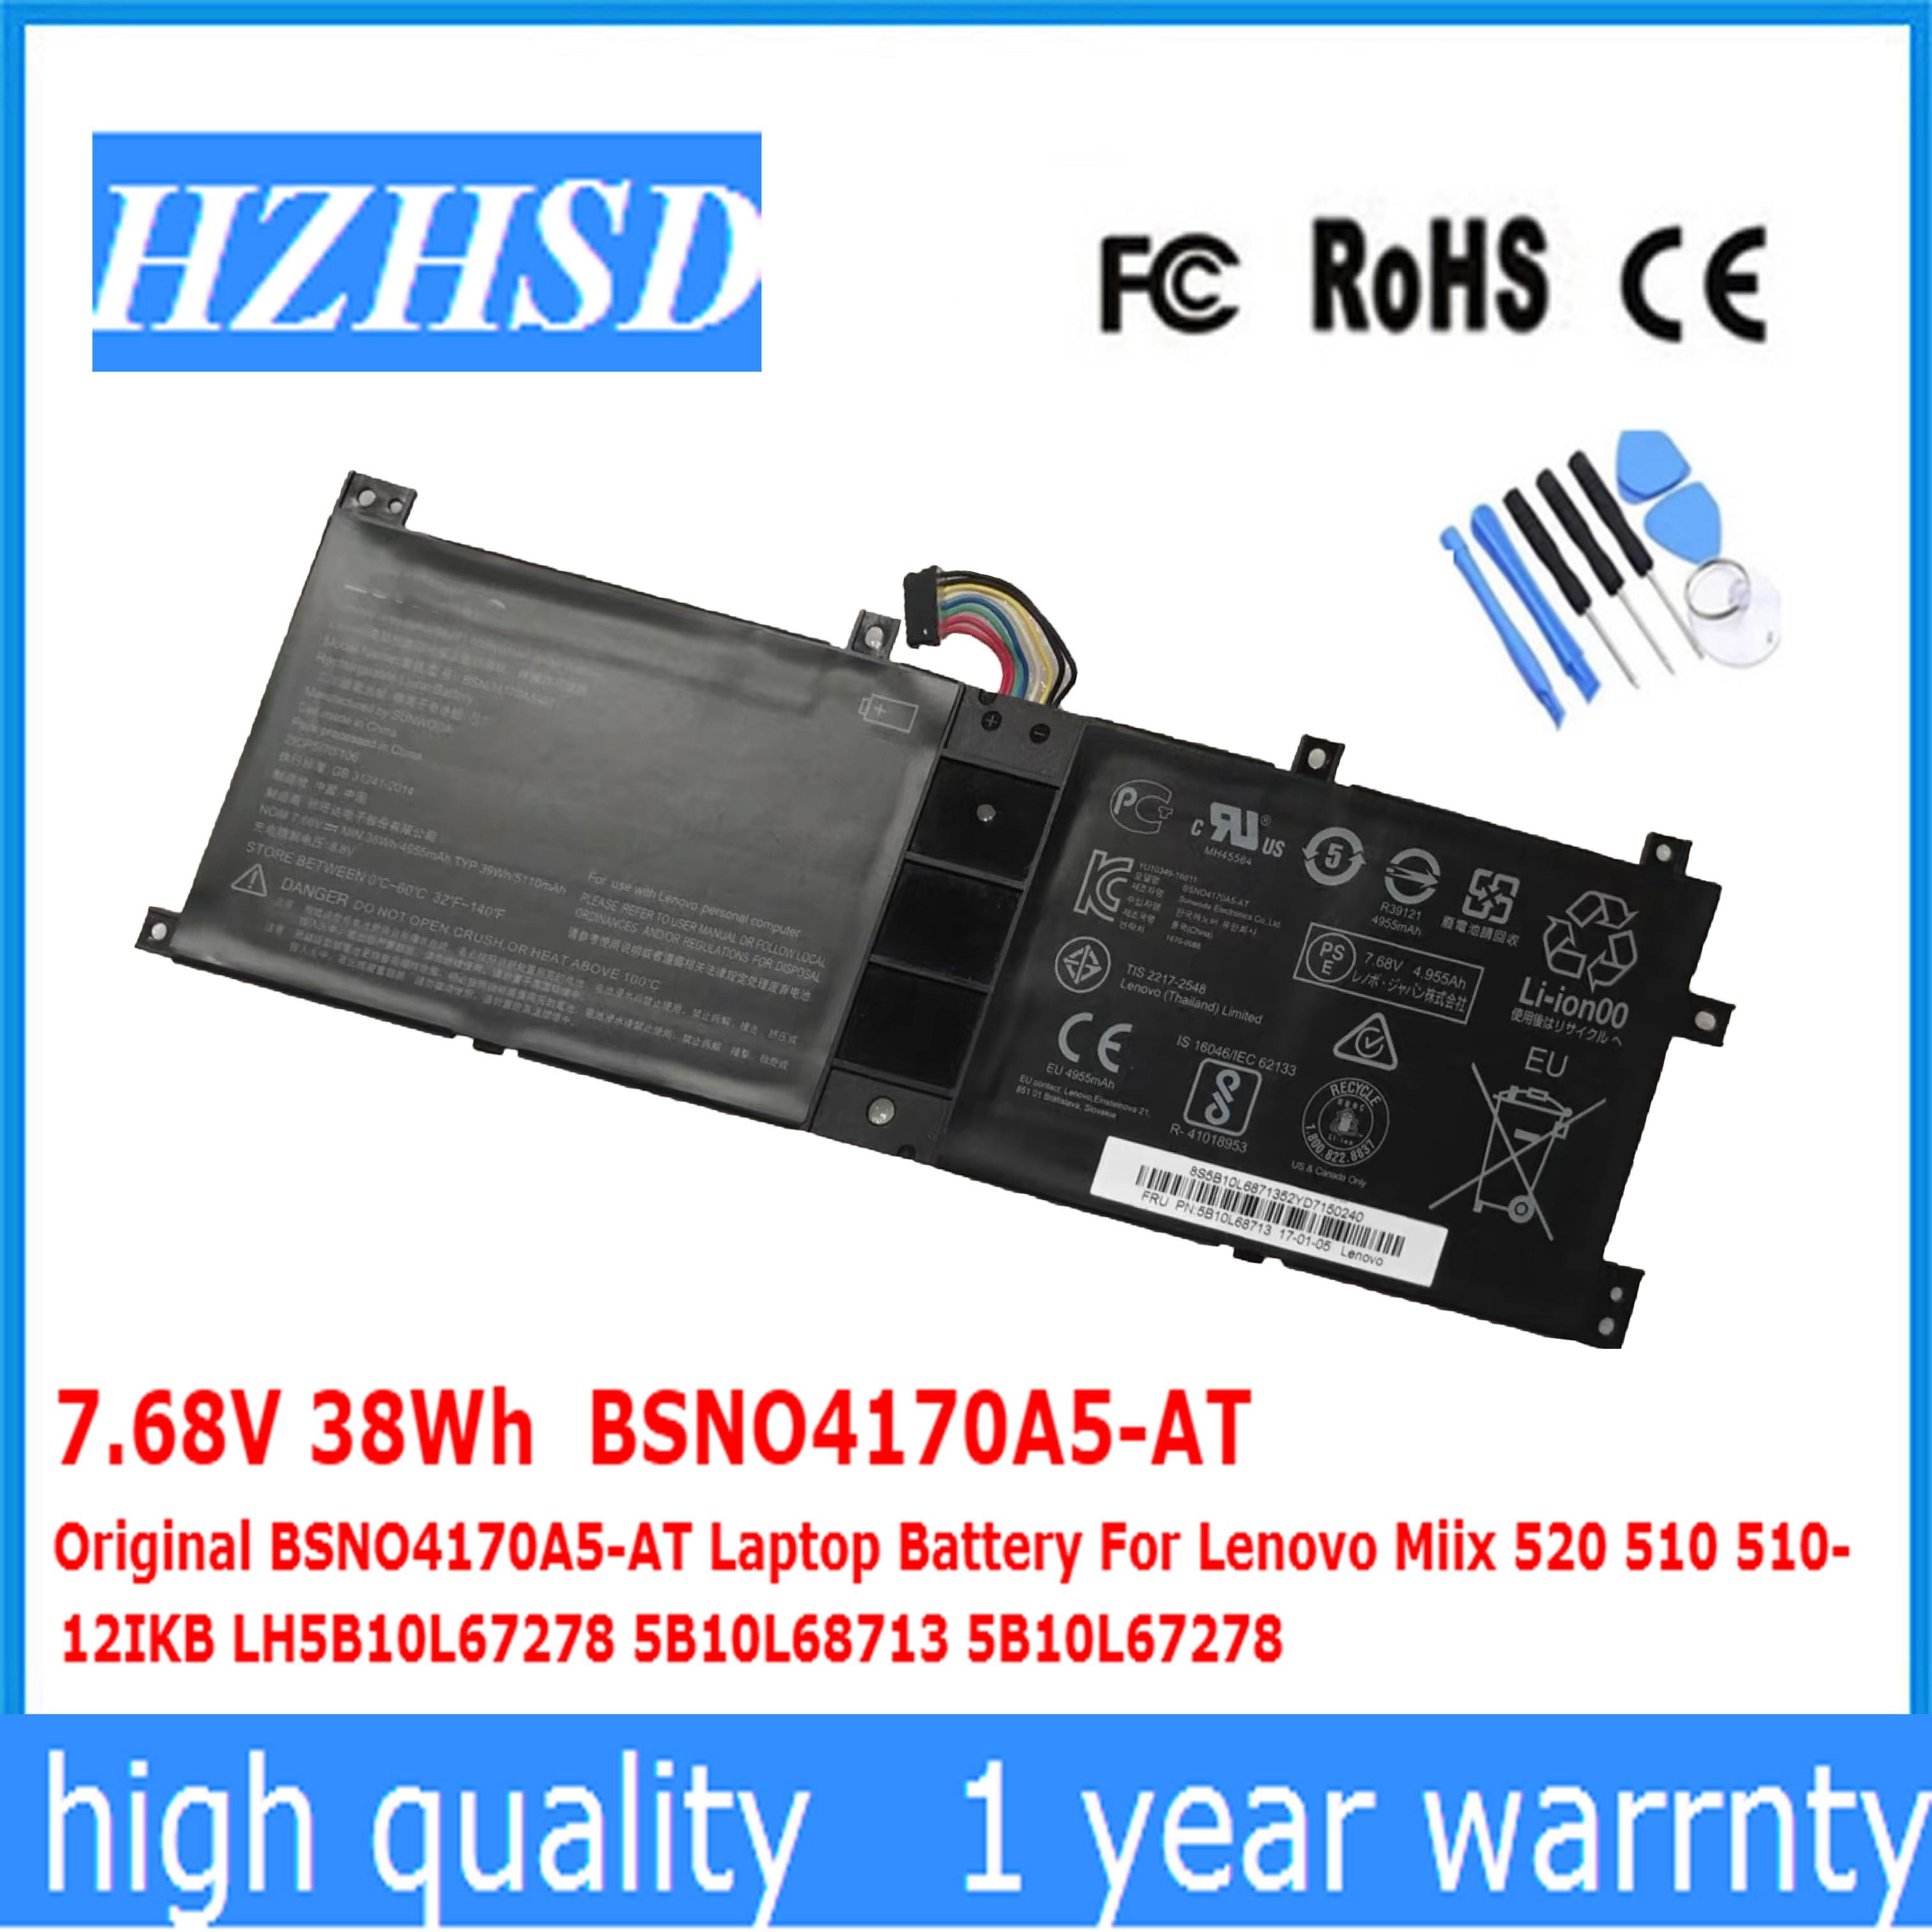 Купить 768 v 38wh оригинальный bsno4170a5 at bsn04170a5 аккумулятор